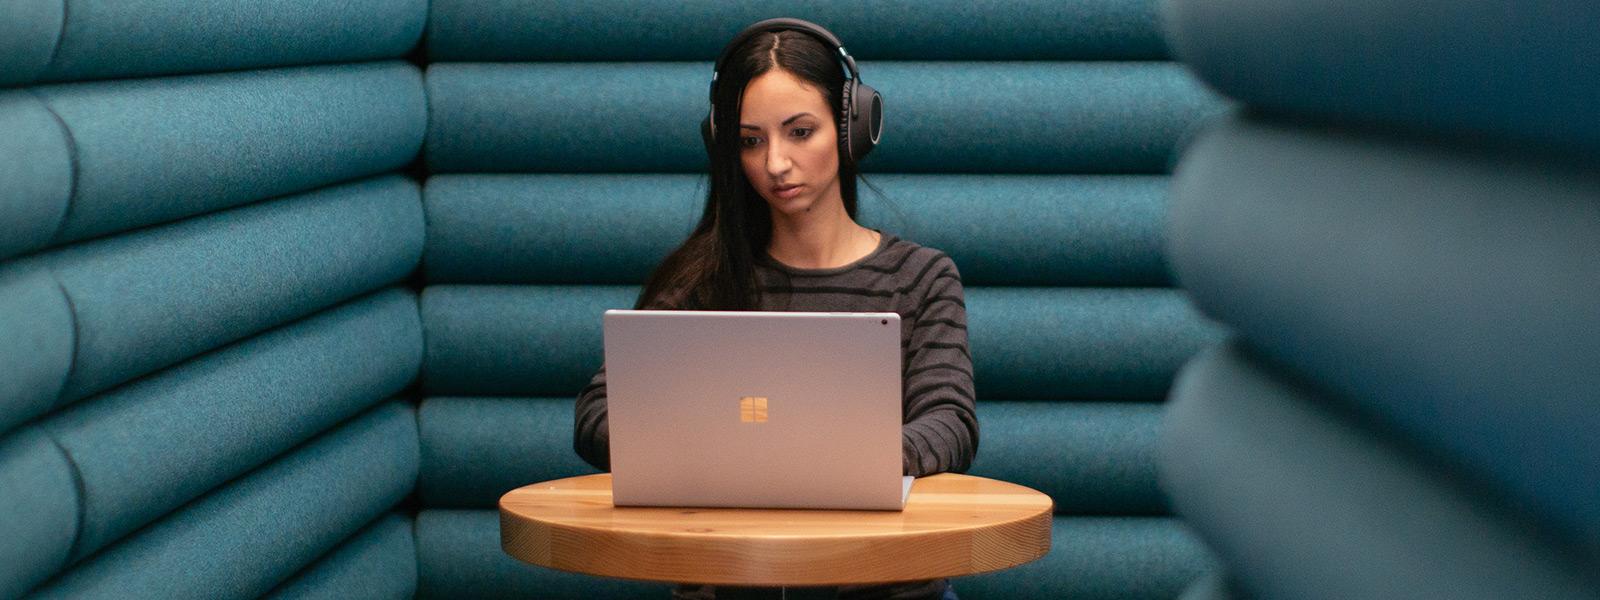 Žena sama sedi u tišini i nosi slušalice dok radi na Windows 10 računaru